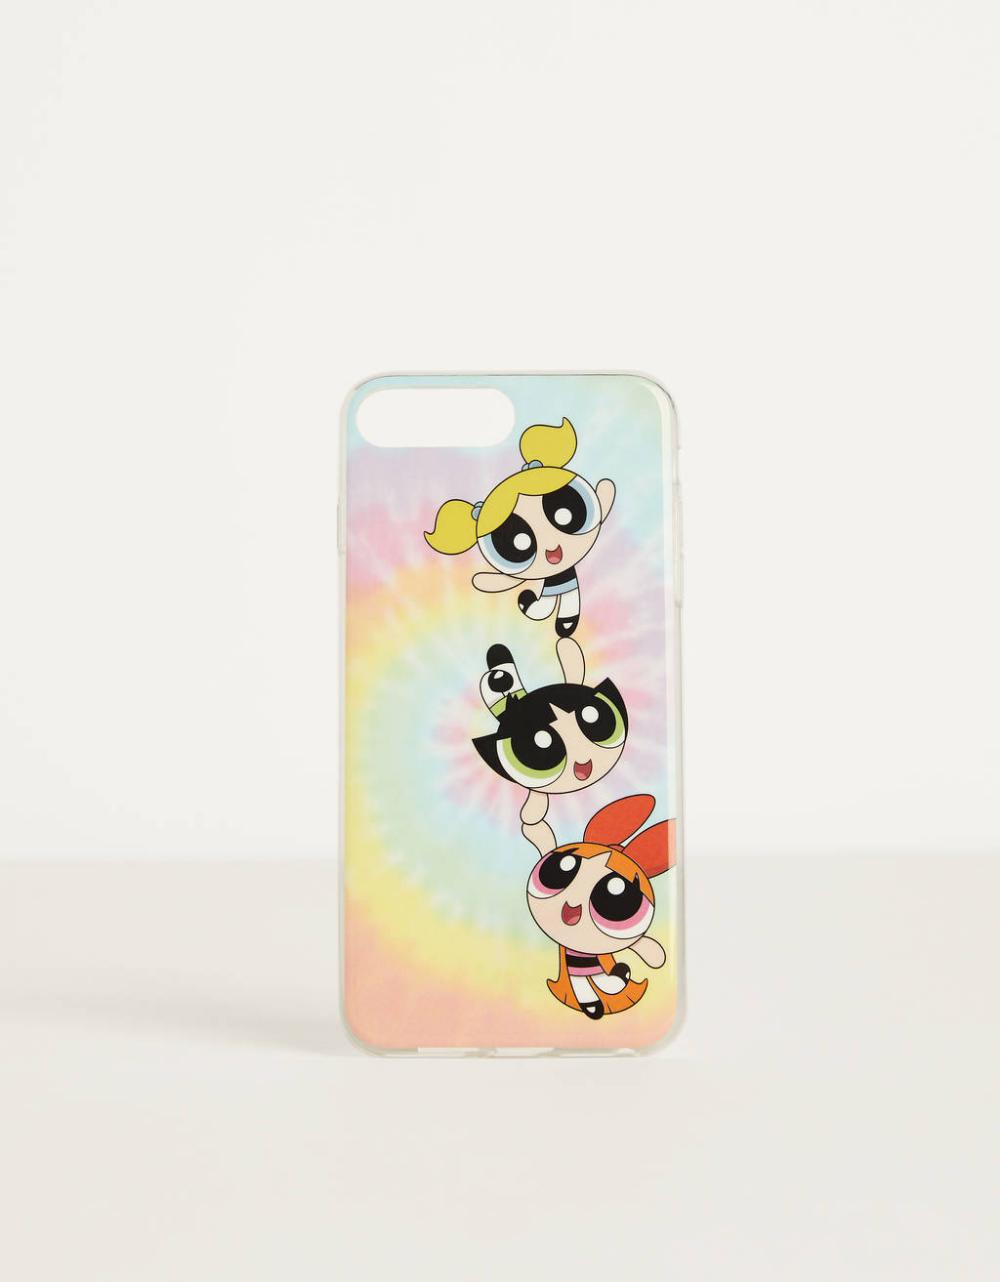 Coque Les Super Nanas x Bershka iPhone 6 plus / 7 plus / 8 plus ...